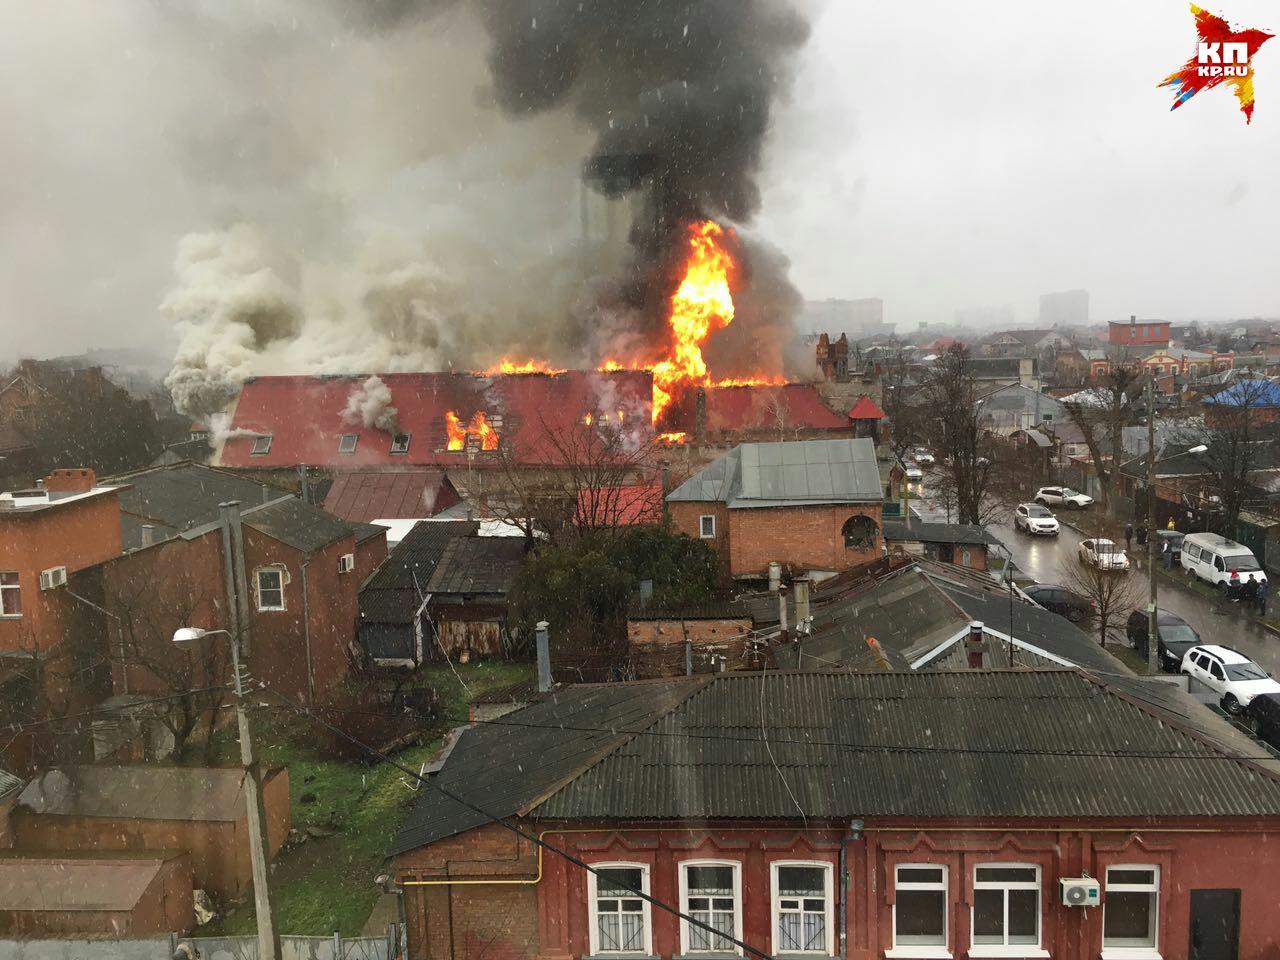 ВКраснодаре ликвидировали огонь в личном доме